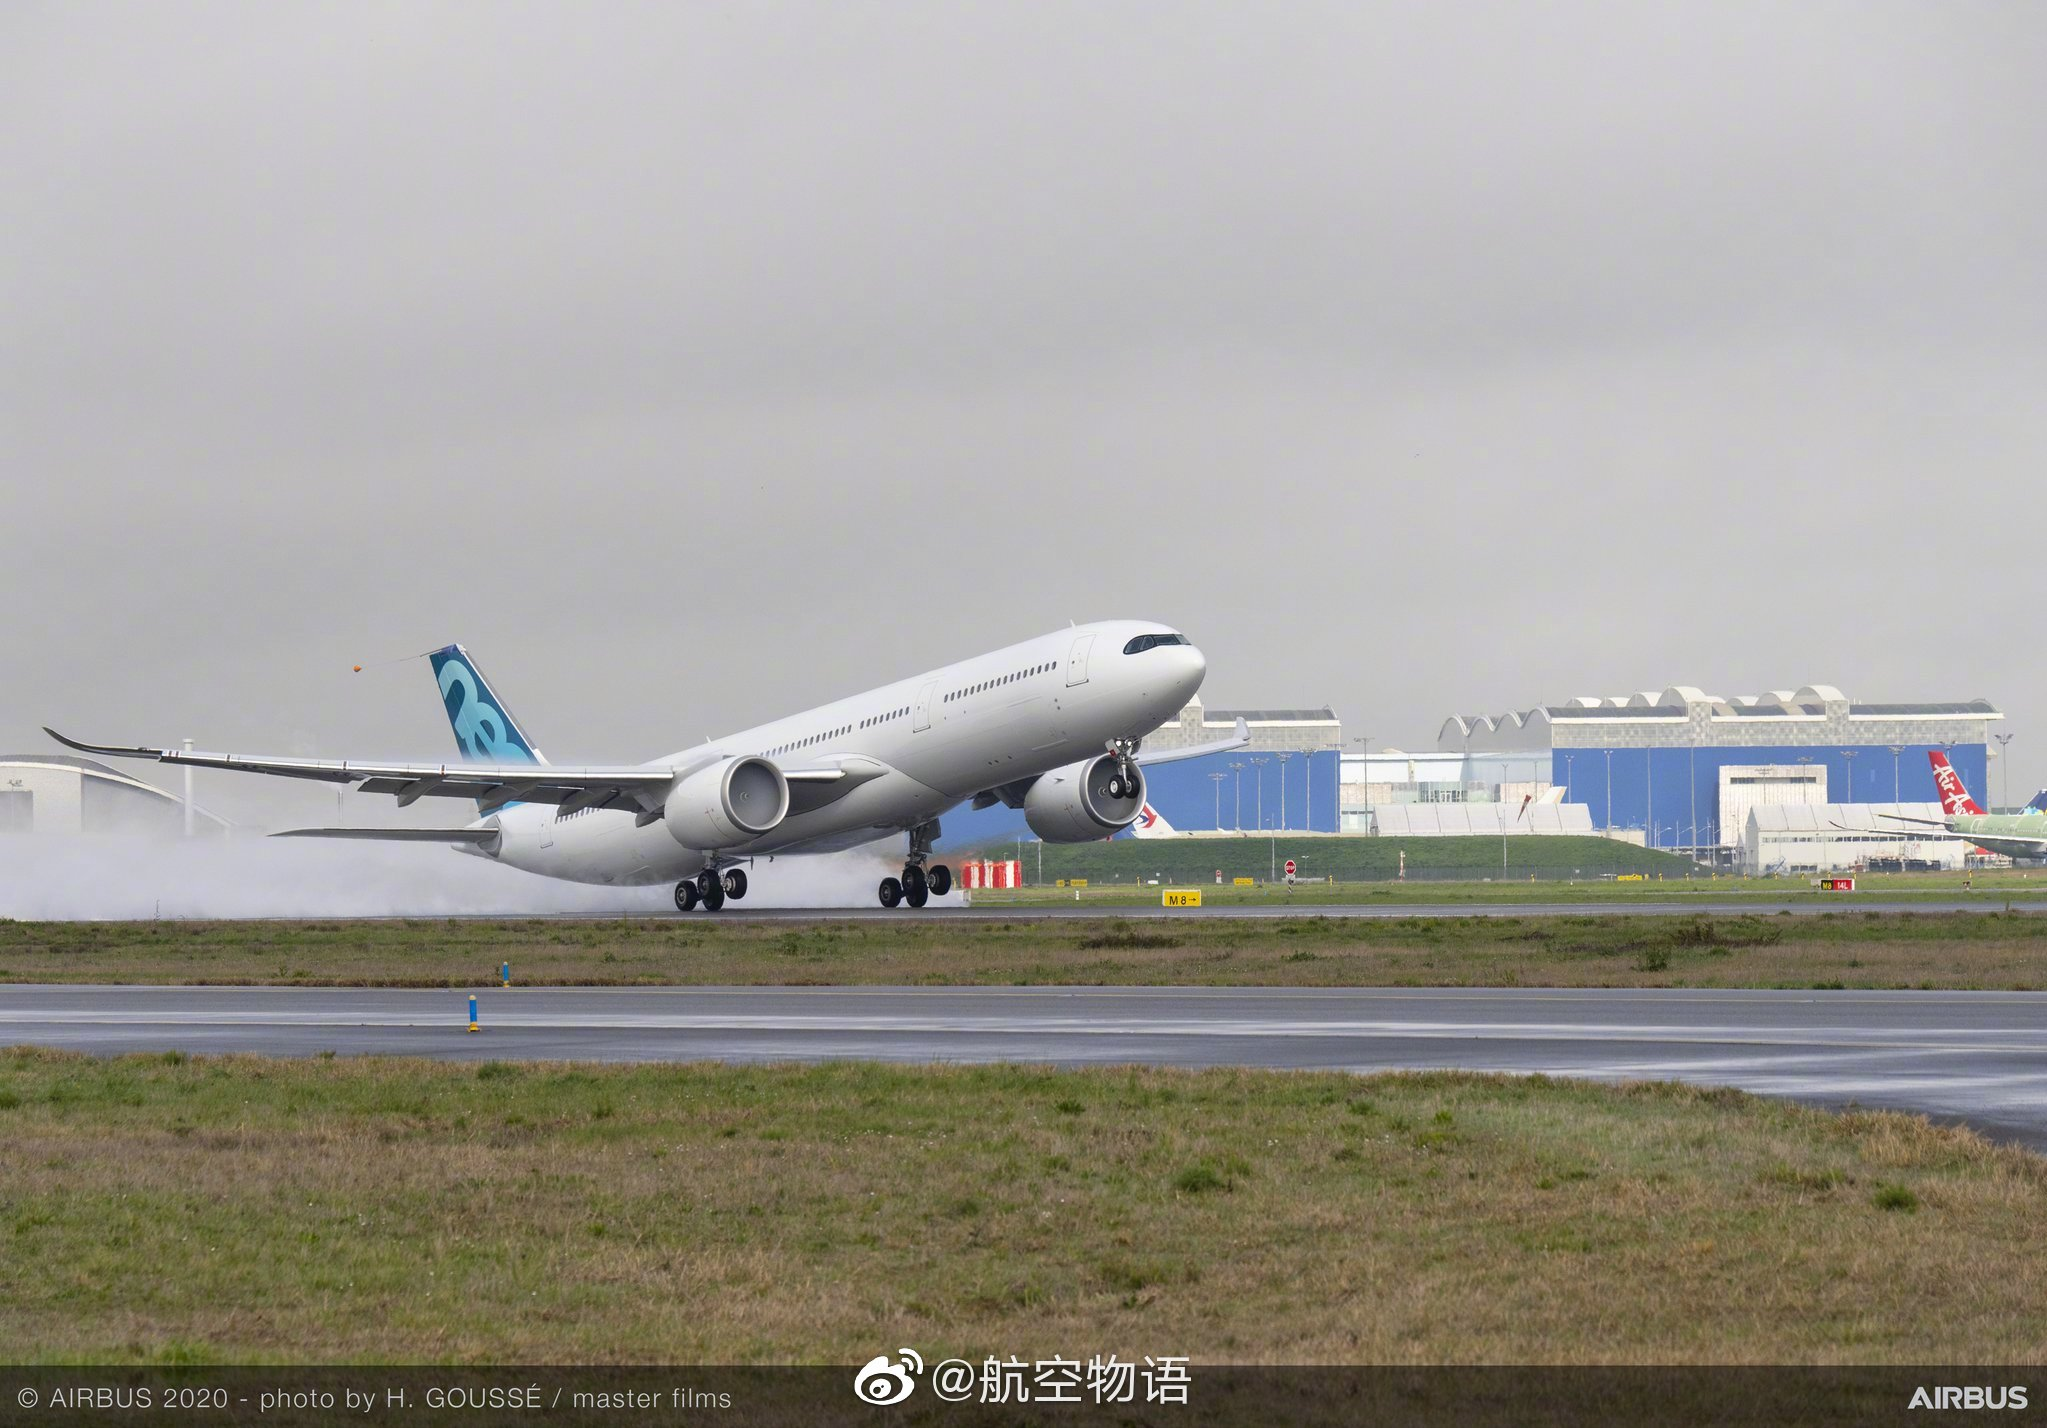 最大起飞重量251吨最新款A330neo首飞 飞的更远 装的更多